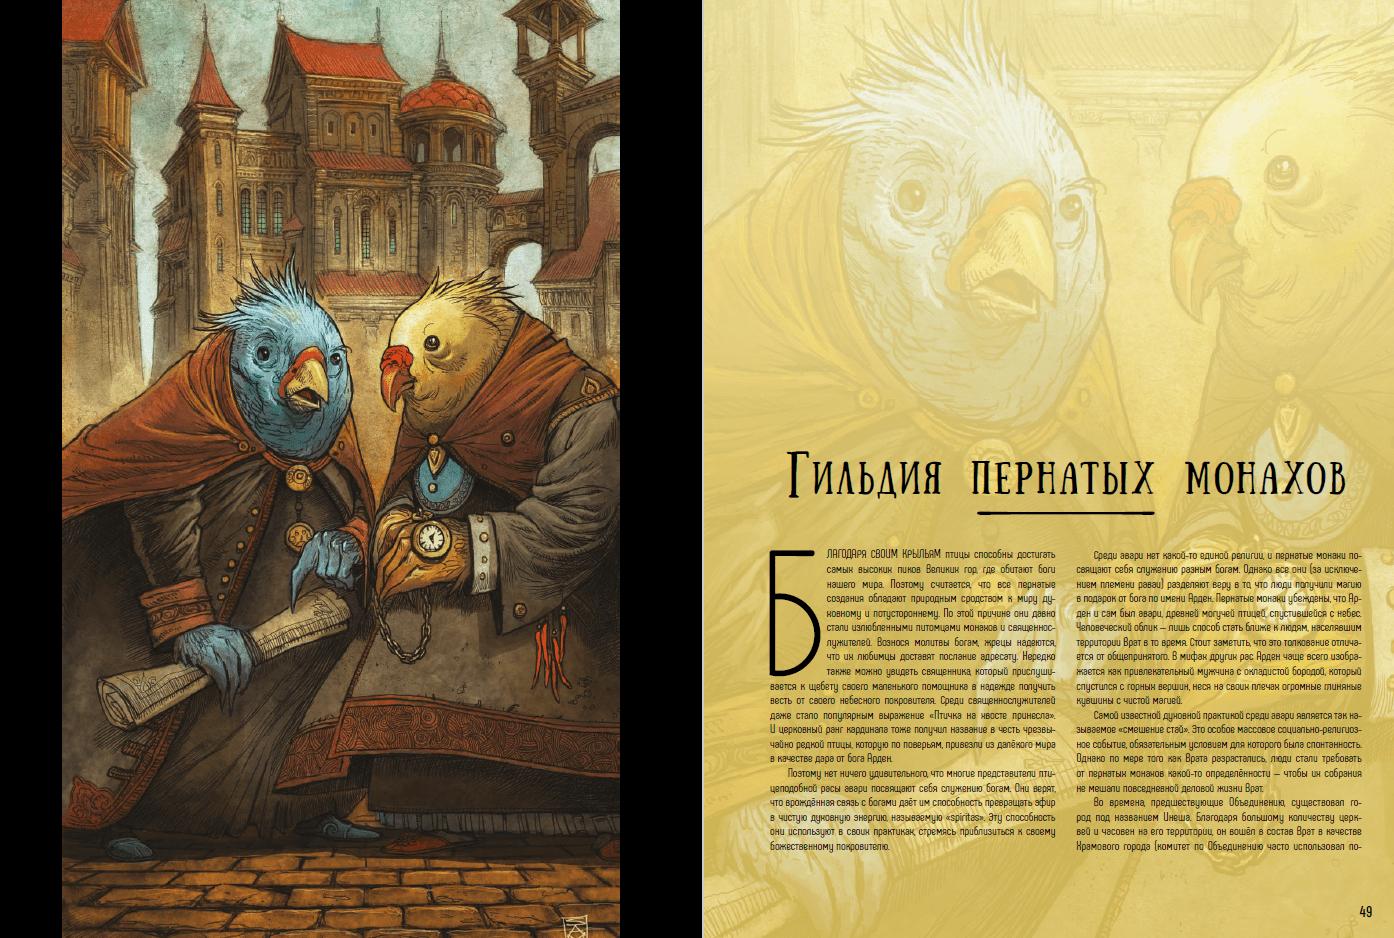 «Город Врат»: отменный иллюстрированный путеводитель для поклонников сюрреалистичного фэнтези 10